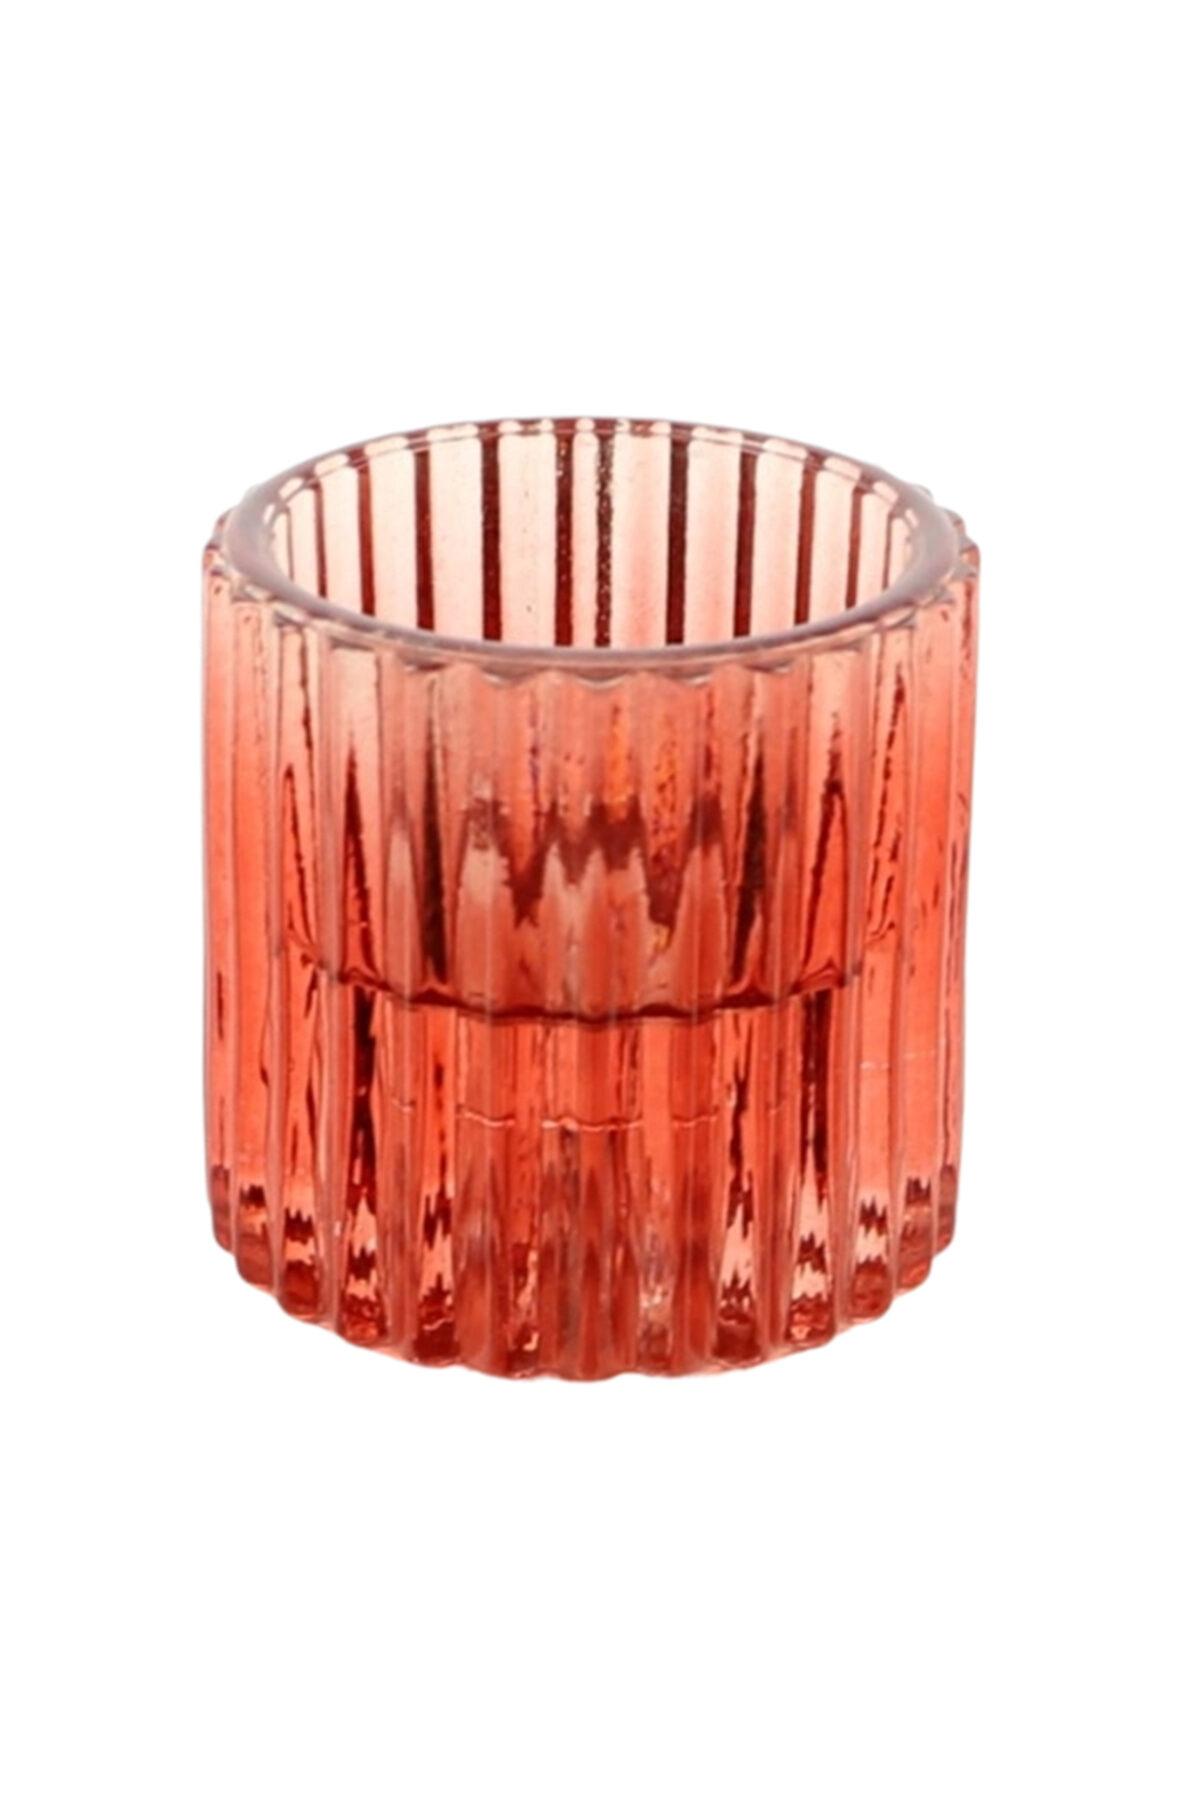 Portacandele porta t-light in vetro rosso d. 5,5 h. 6 cm